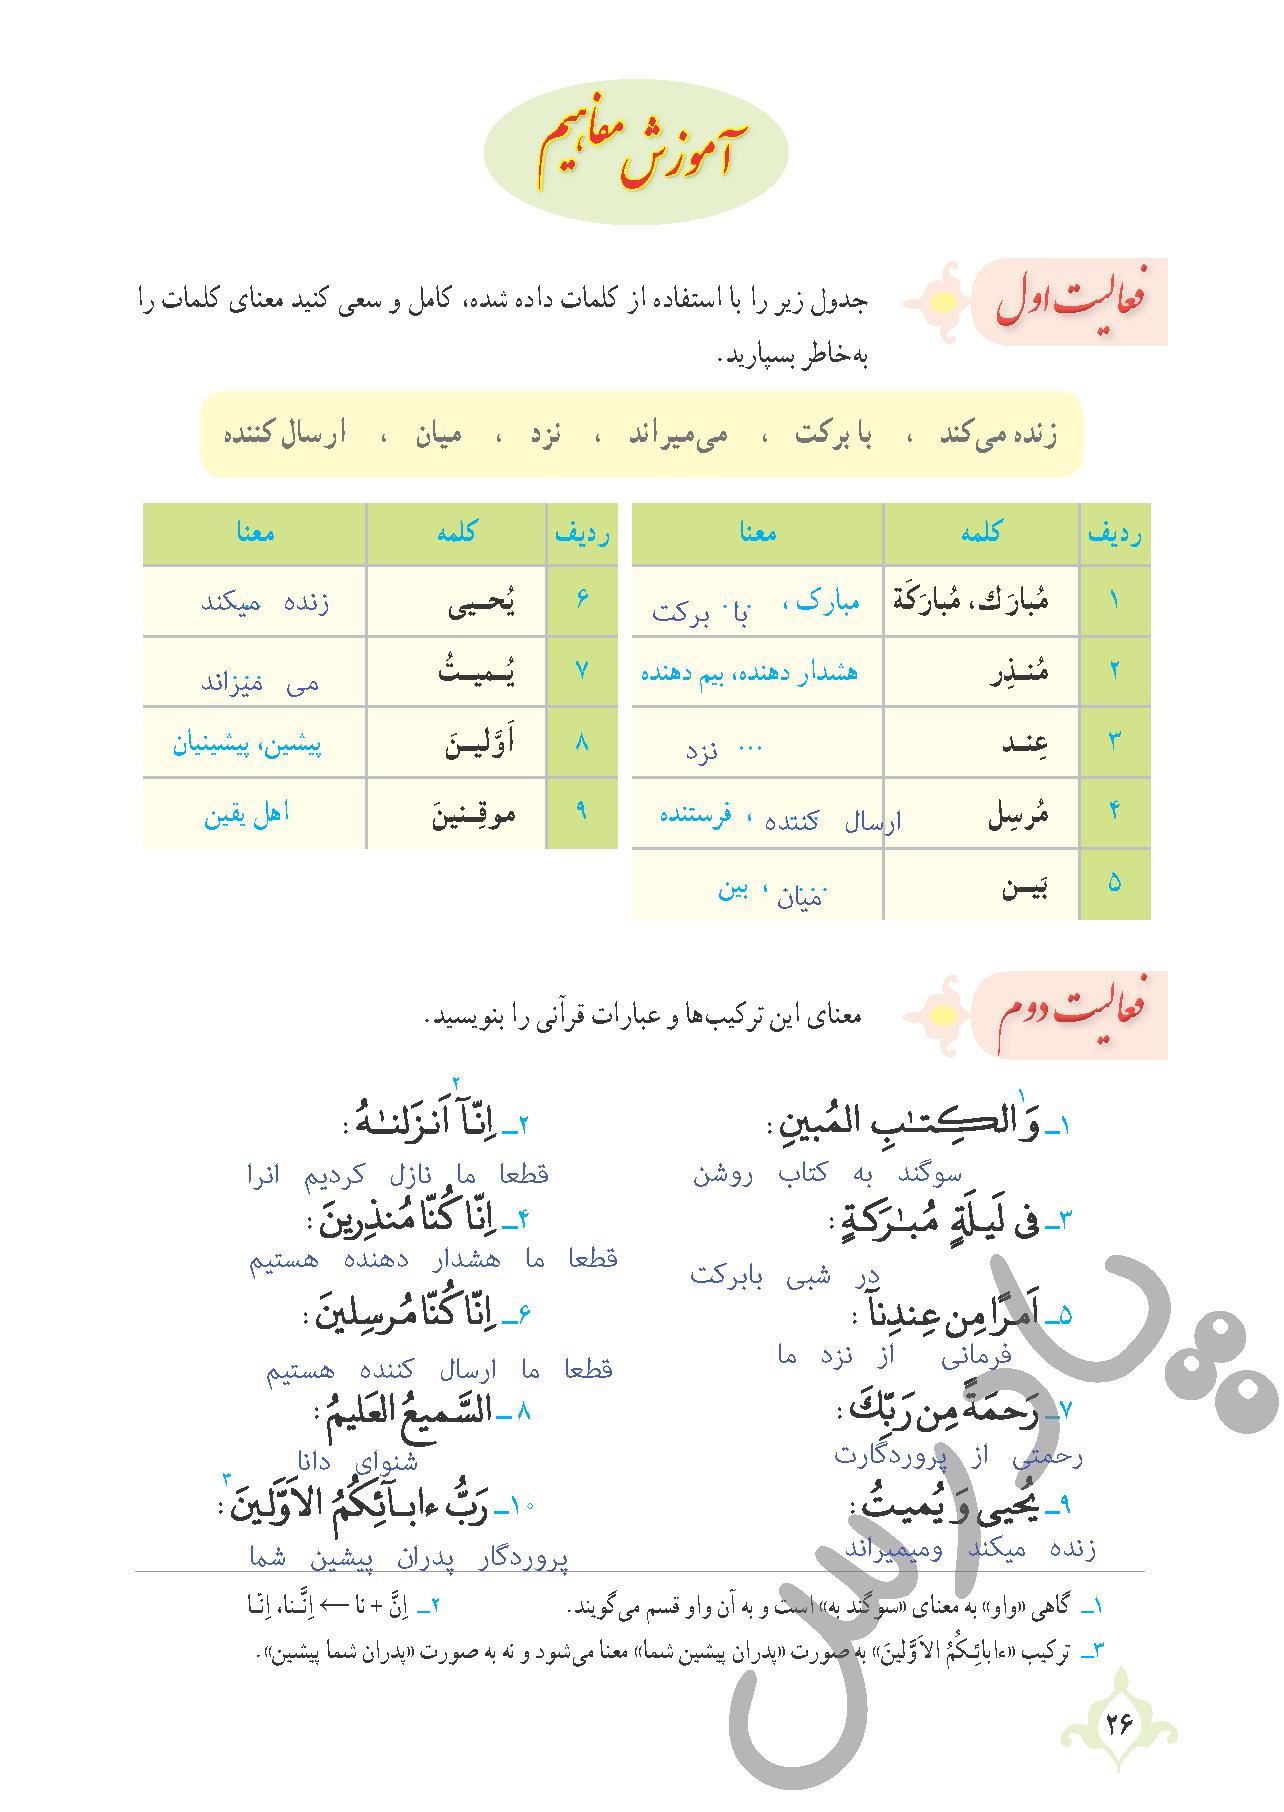 پاسخ فعالیت درس 2 قرآن نهم -بخش اول